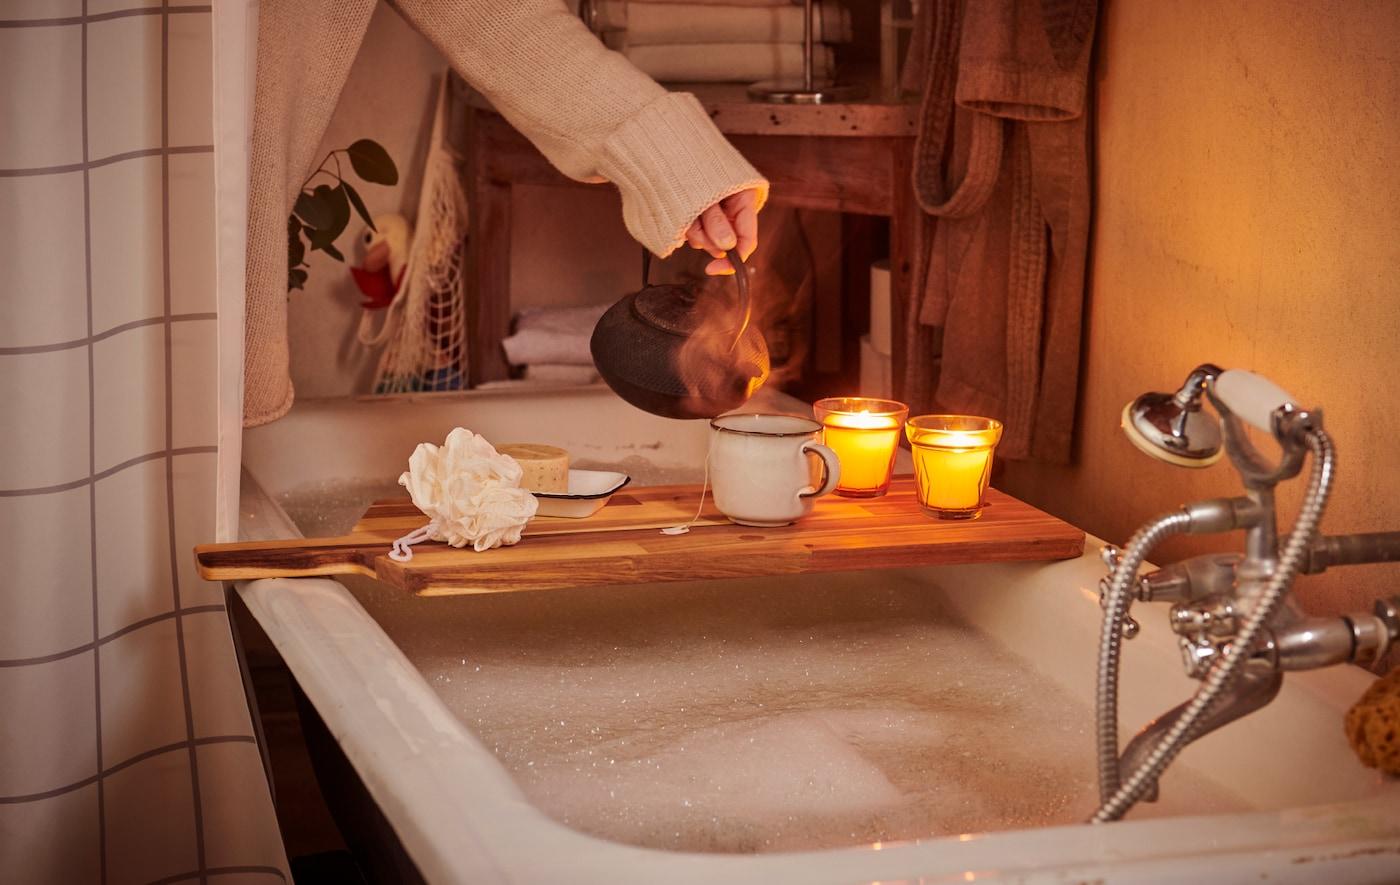 En kvinna i en stickad tröja förbereder en spa-dag och häller upp te i en mugg på en skärbräda som placerats på ett badkar.